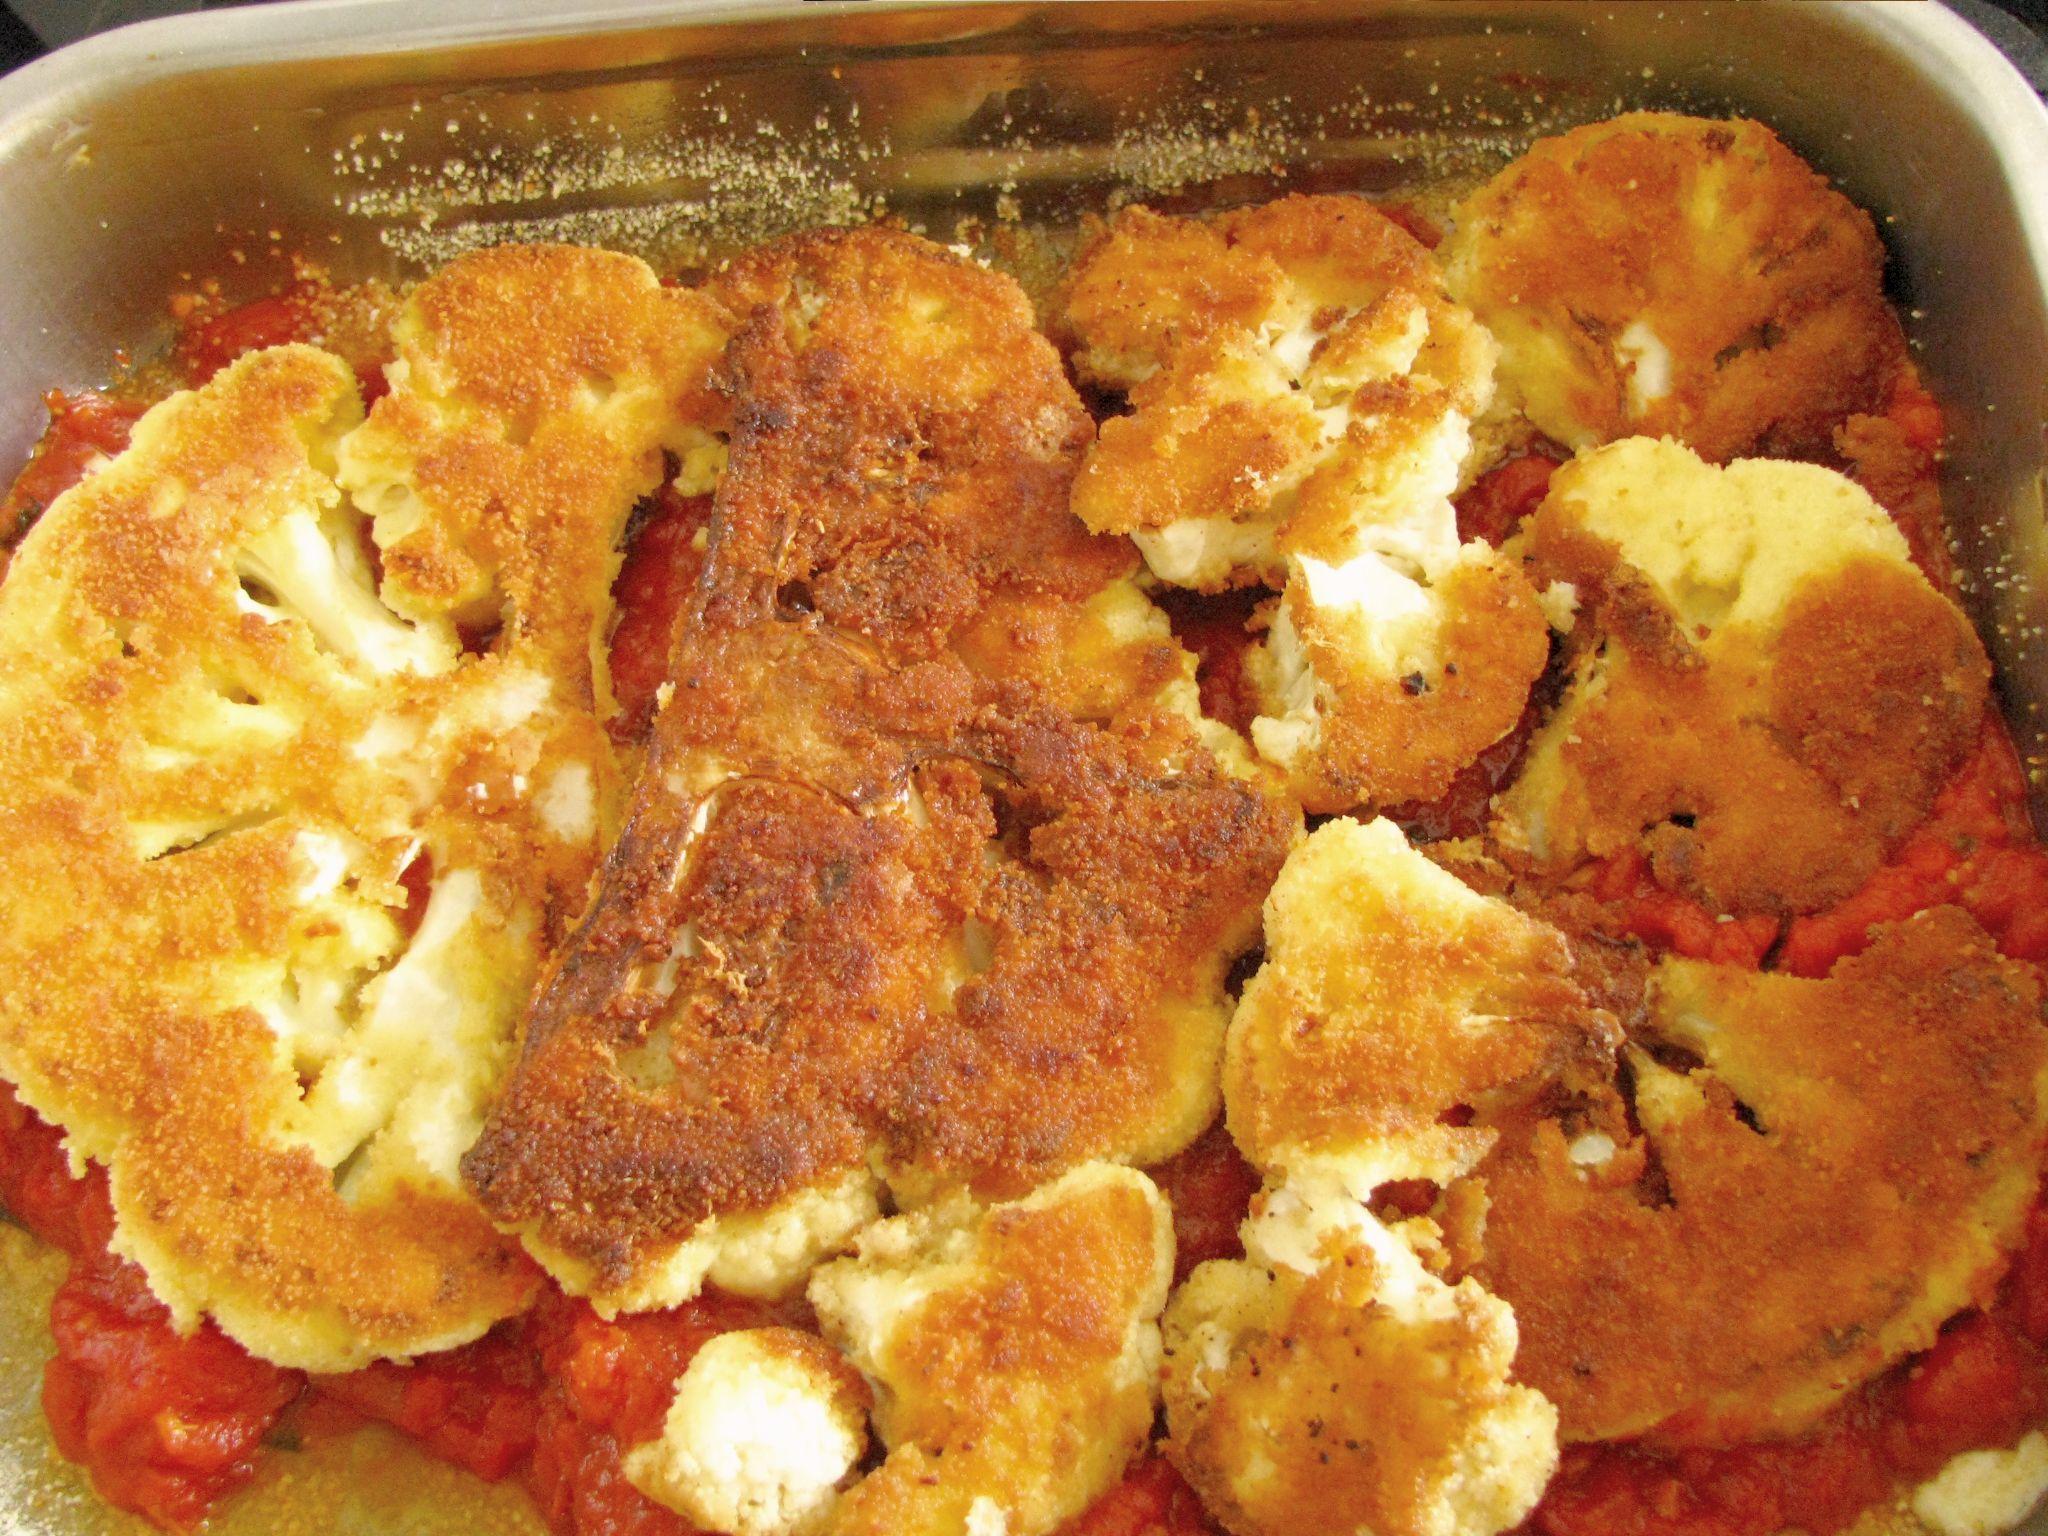 nakyp karfiol v pekaci